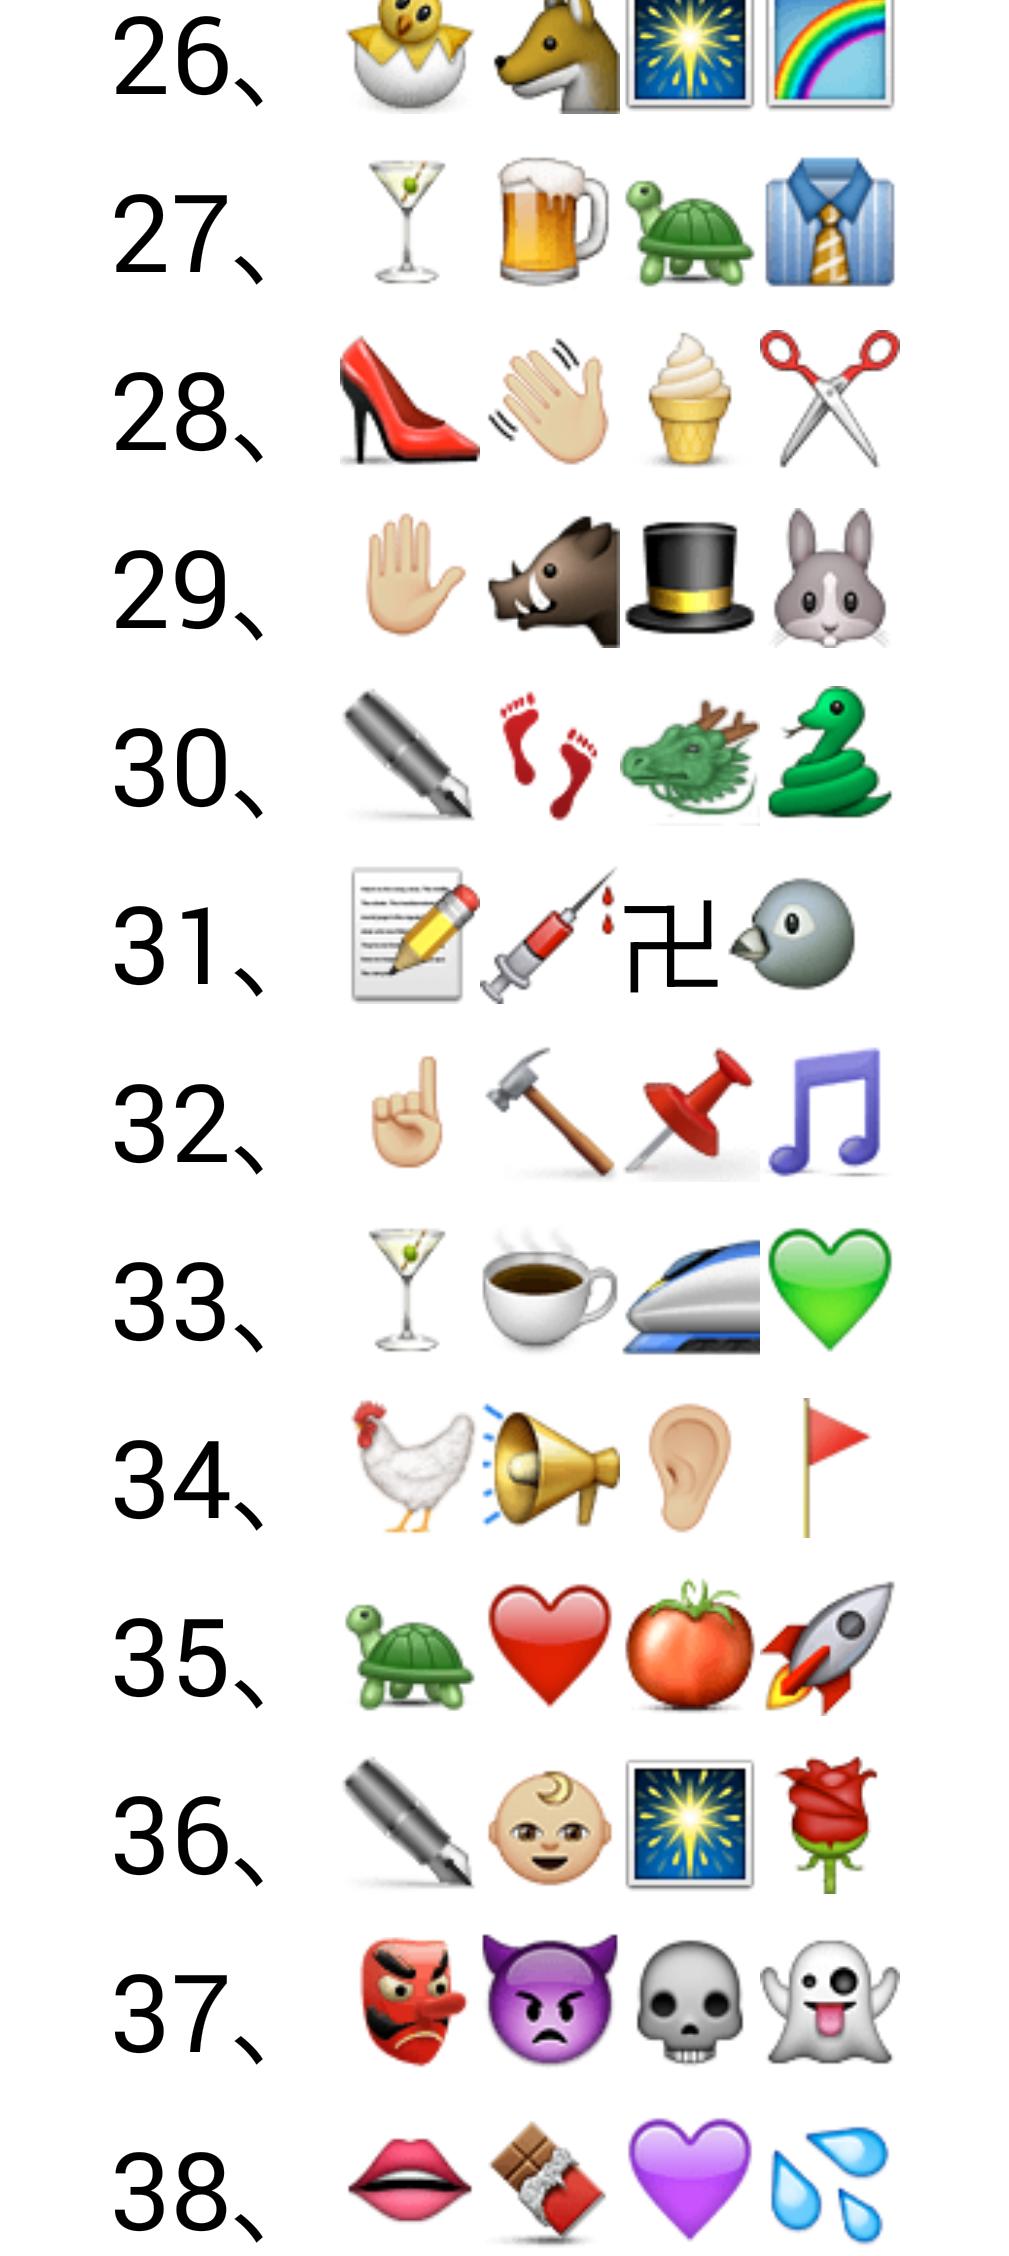 29猜成语是什么成语_看图猜成语29